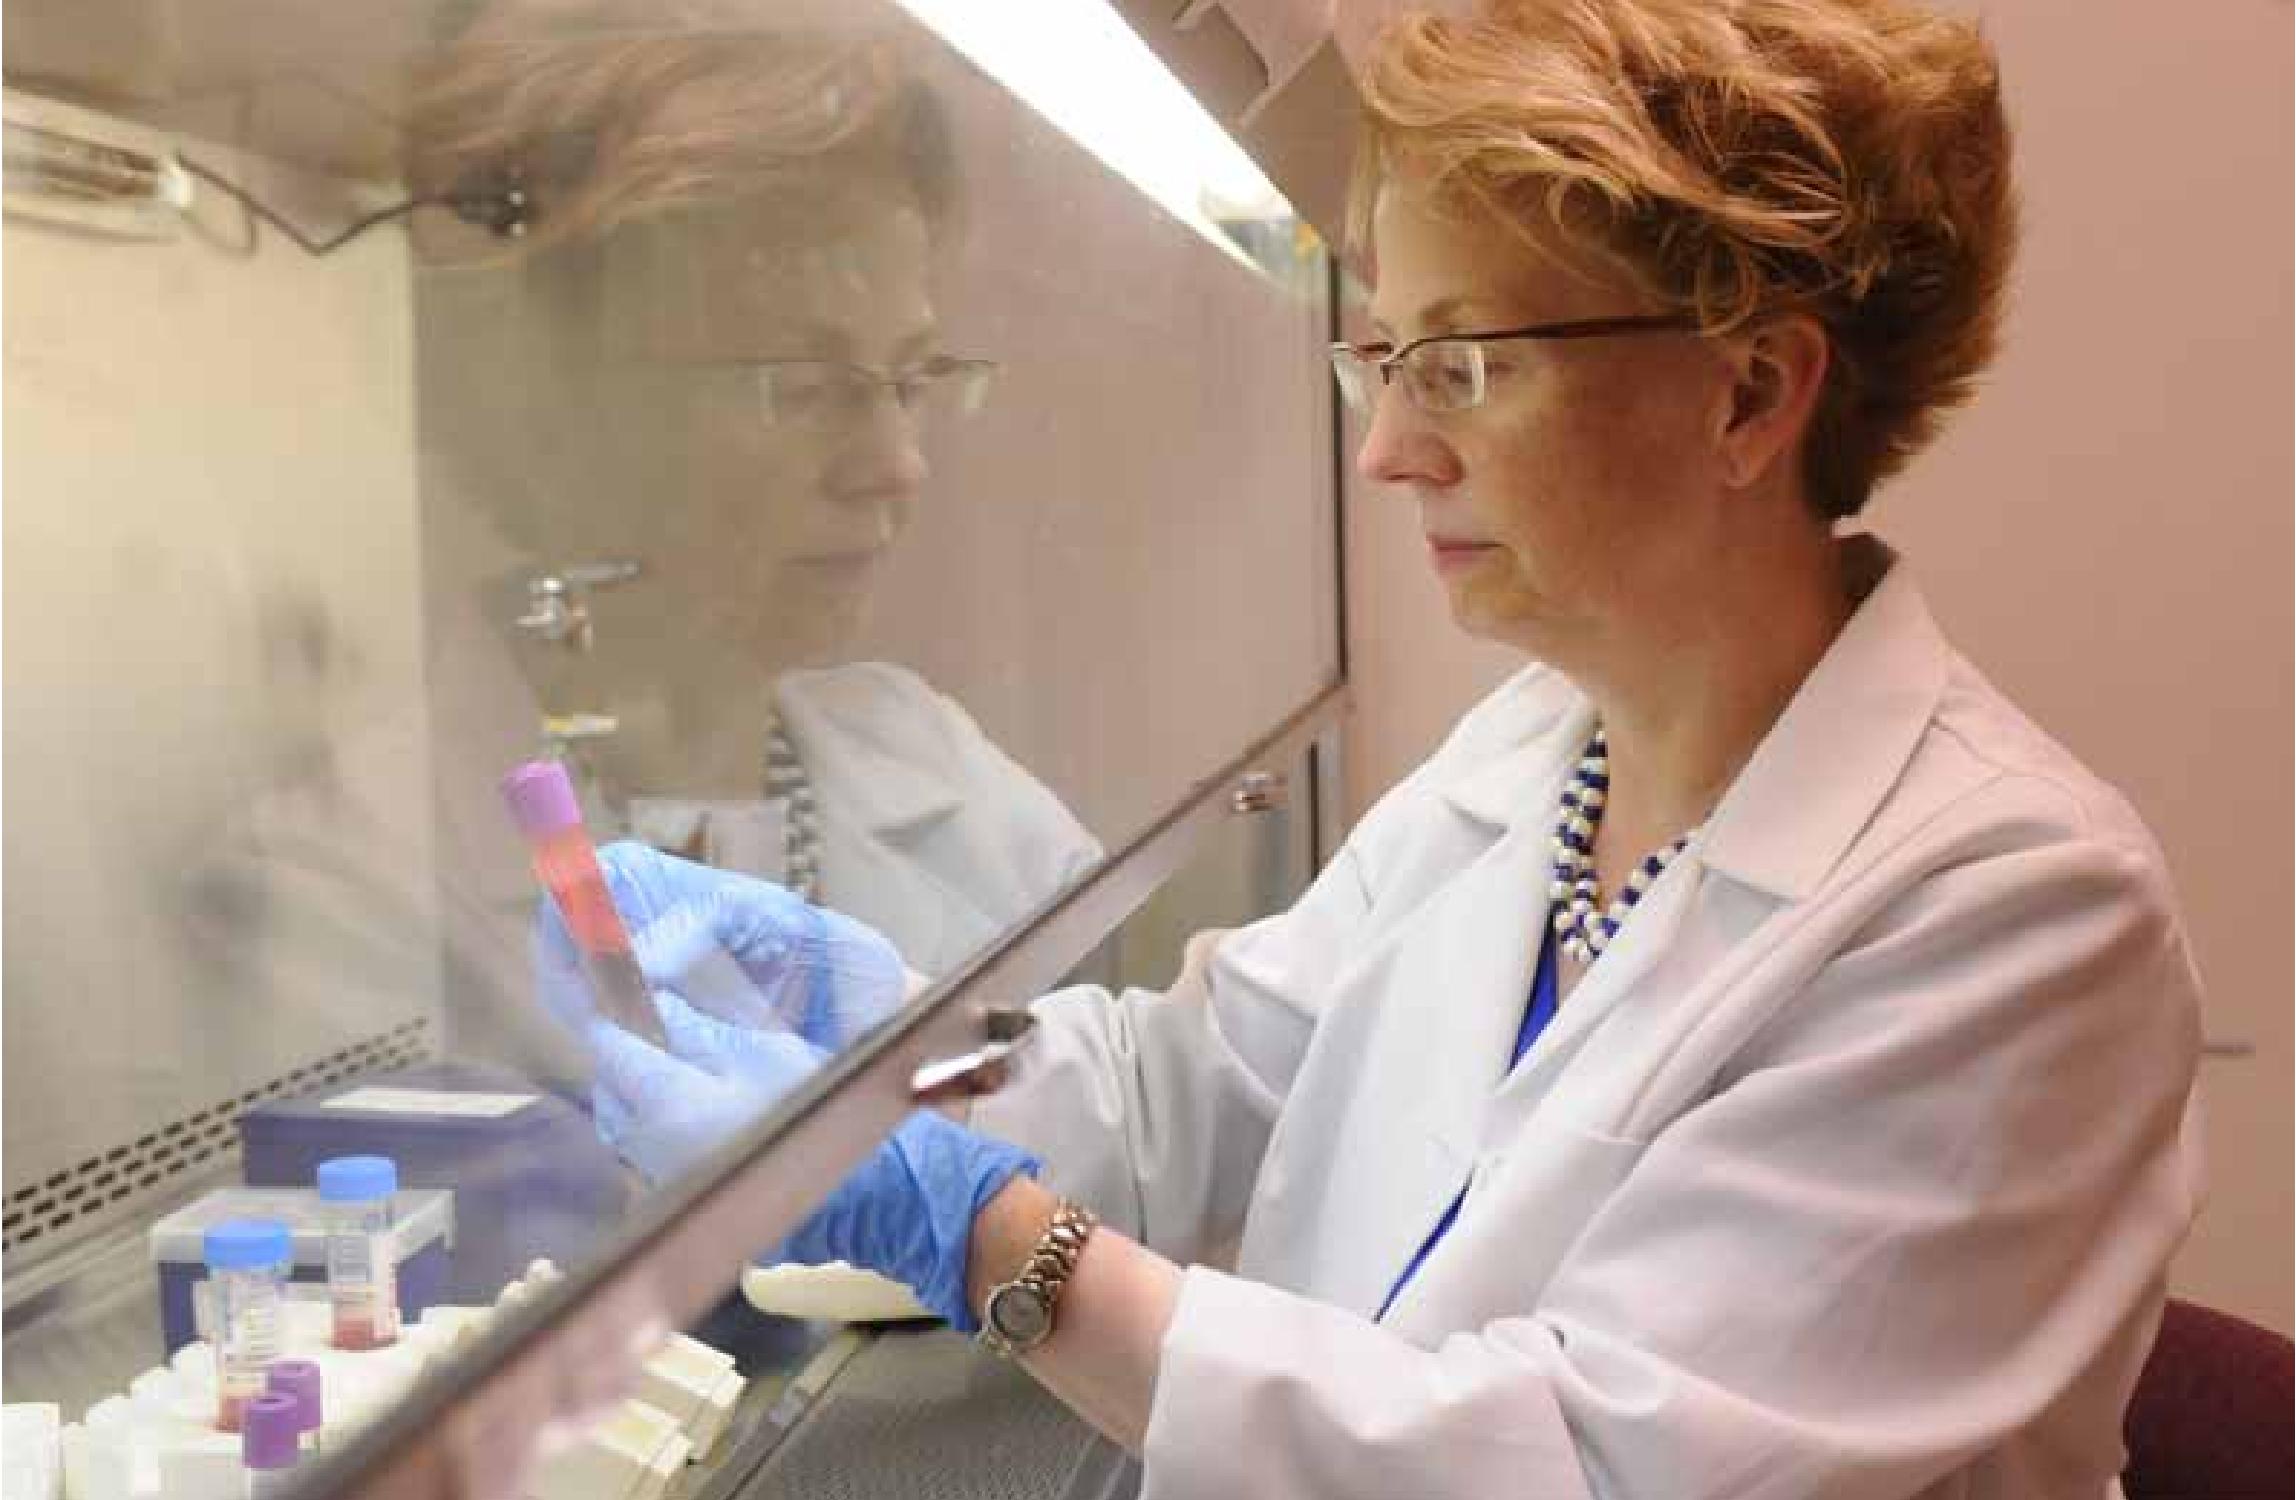 Nghiên cứu: Một loại vắc-xin có tuổi đời 100 năm có thể giúp con người chống lại đại dịch COVID-19? - Ảnh 3.